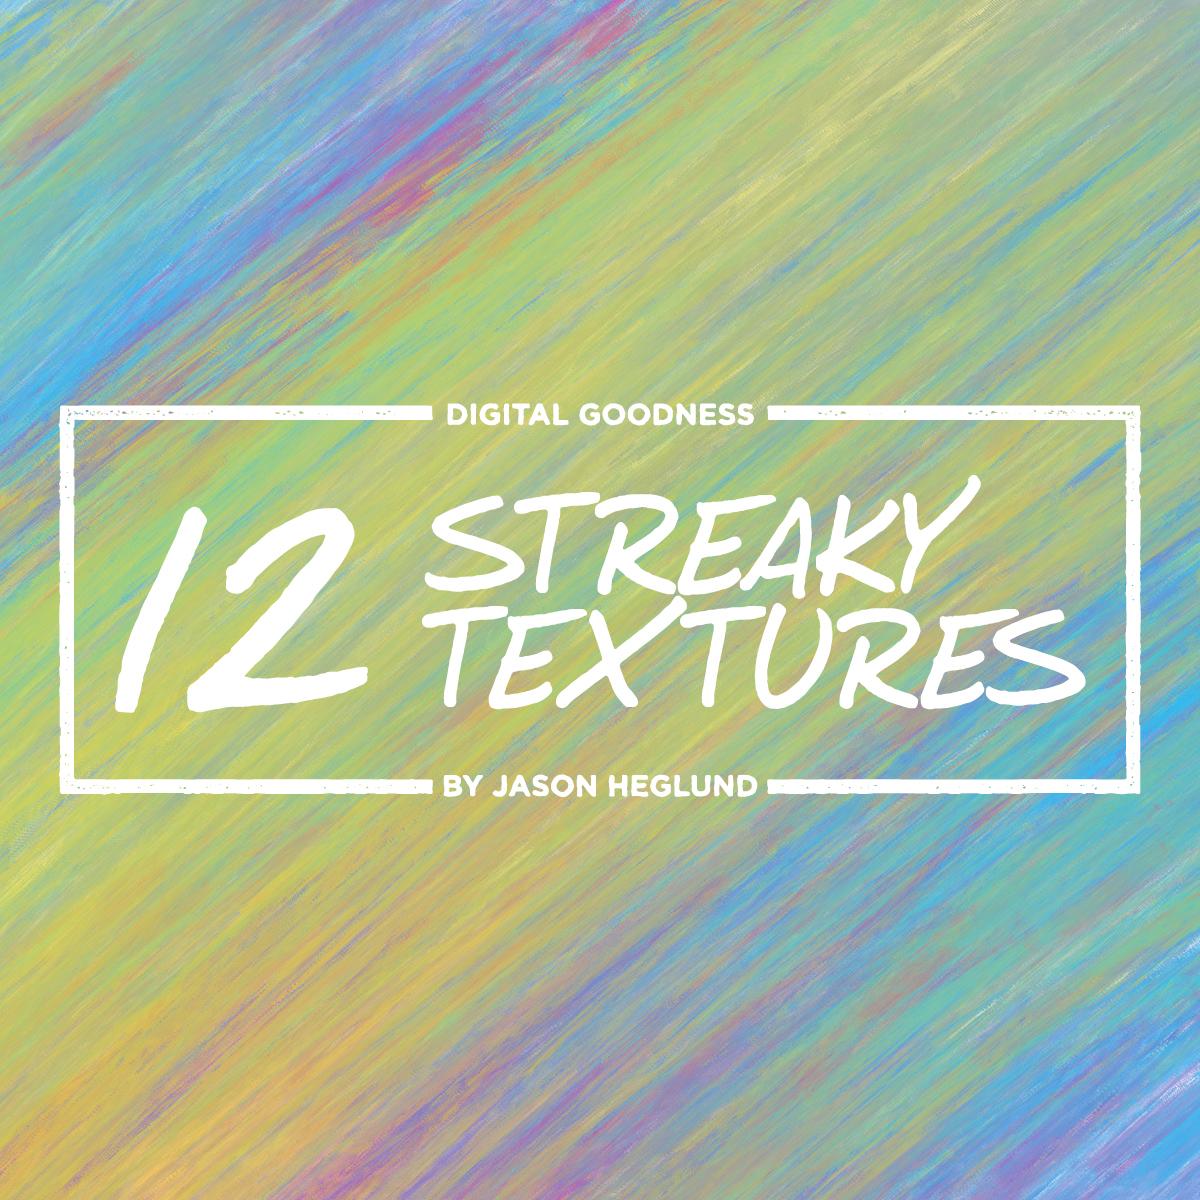 StreakyTextures_jh1.jpg